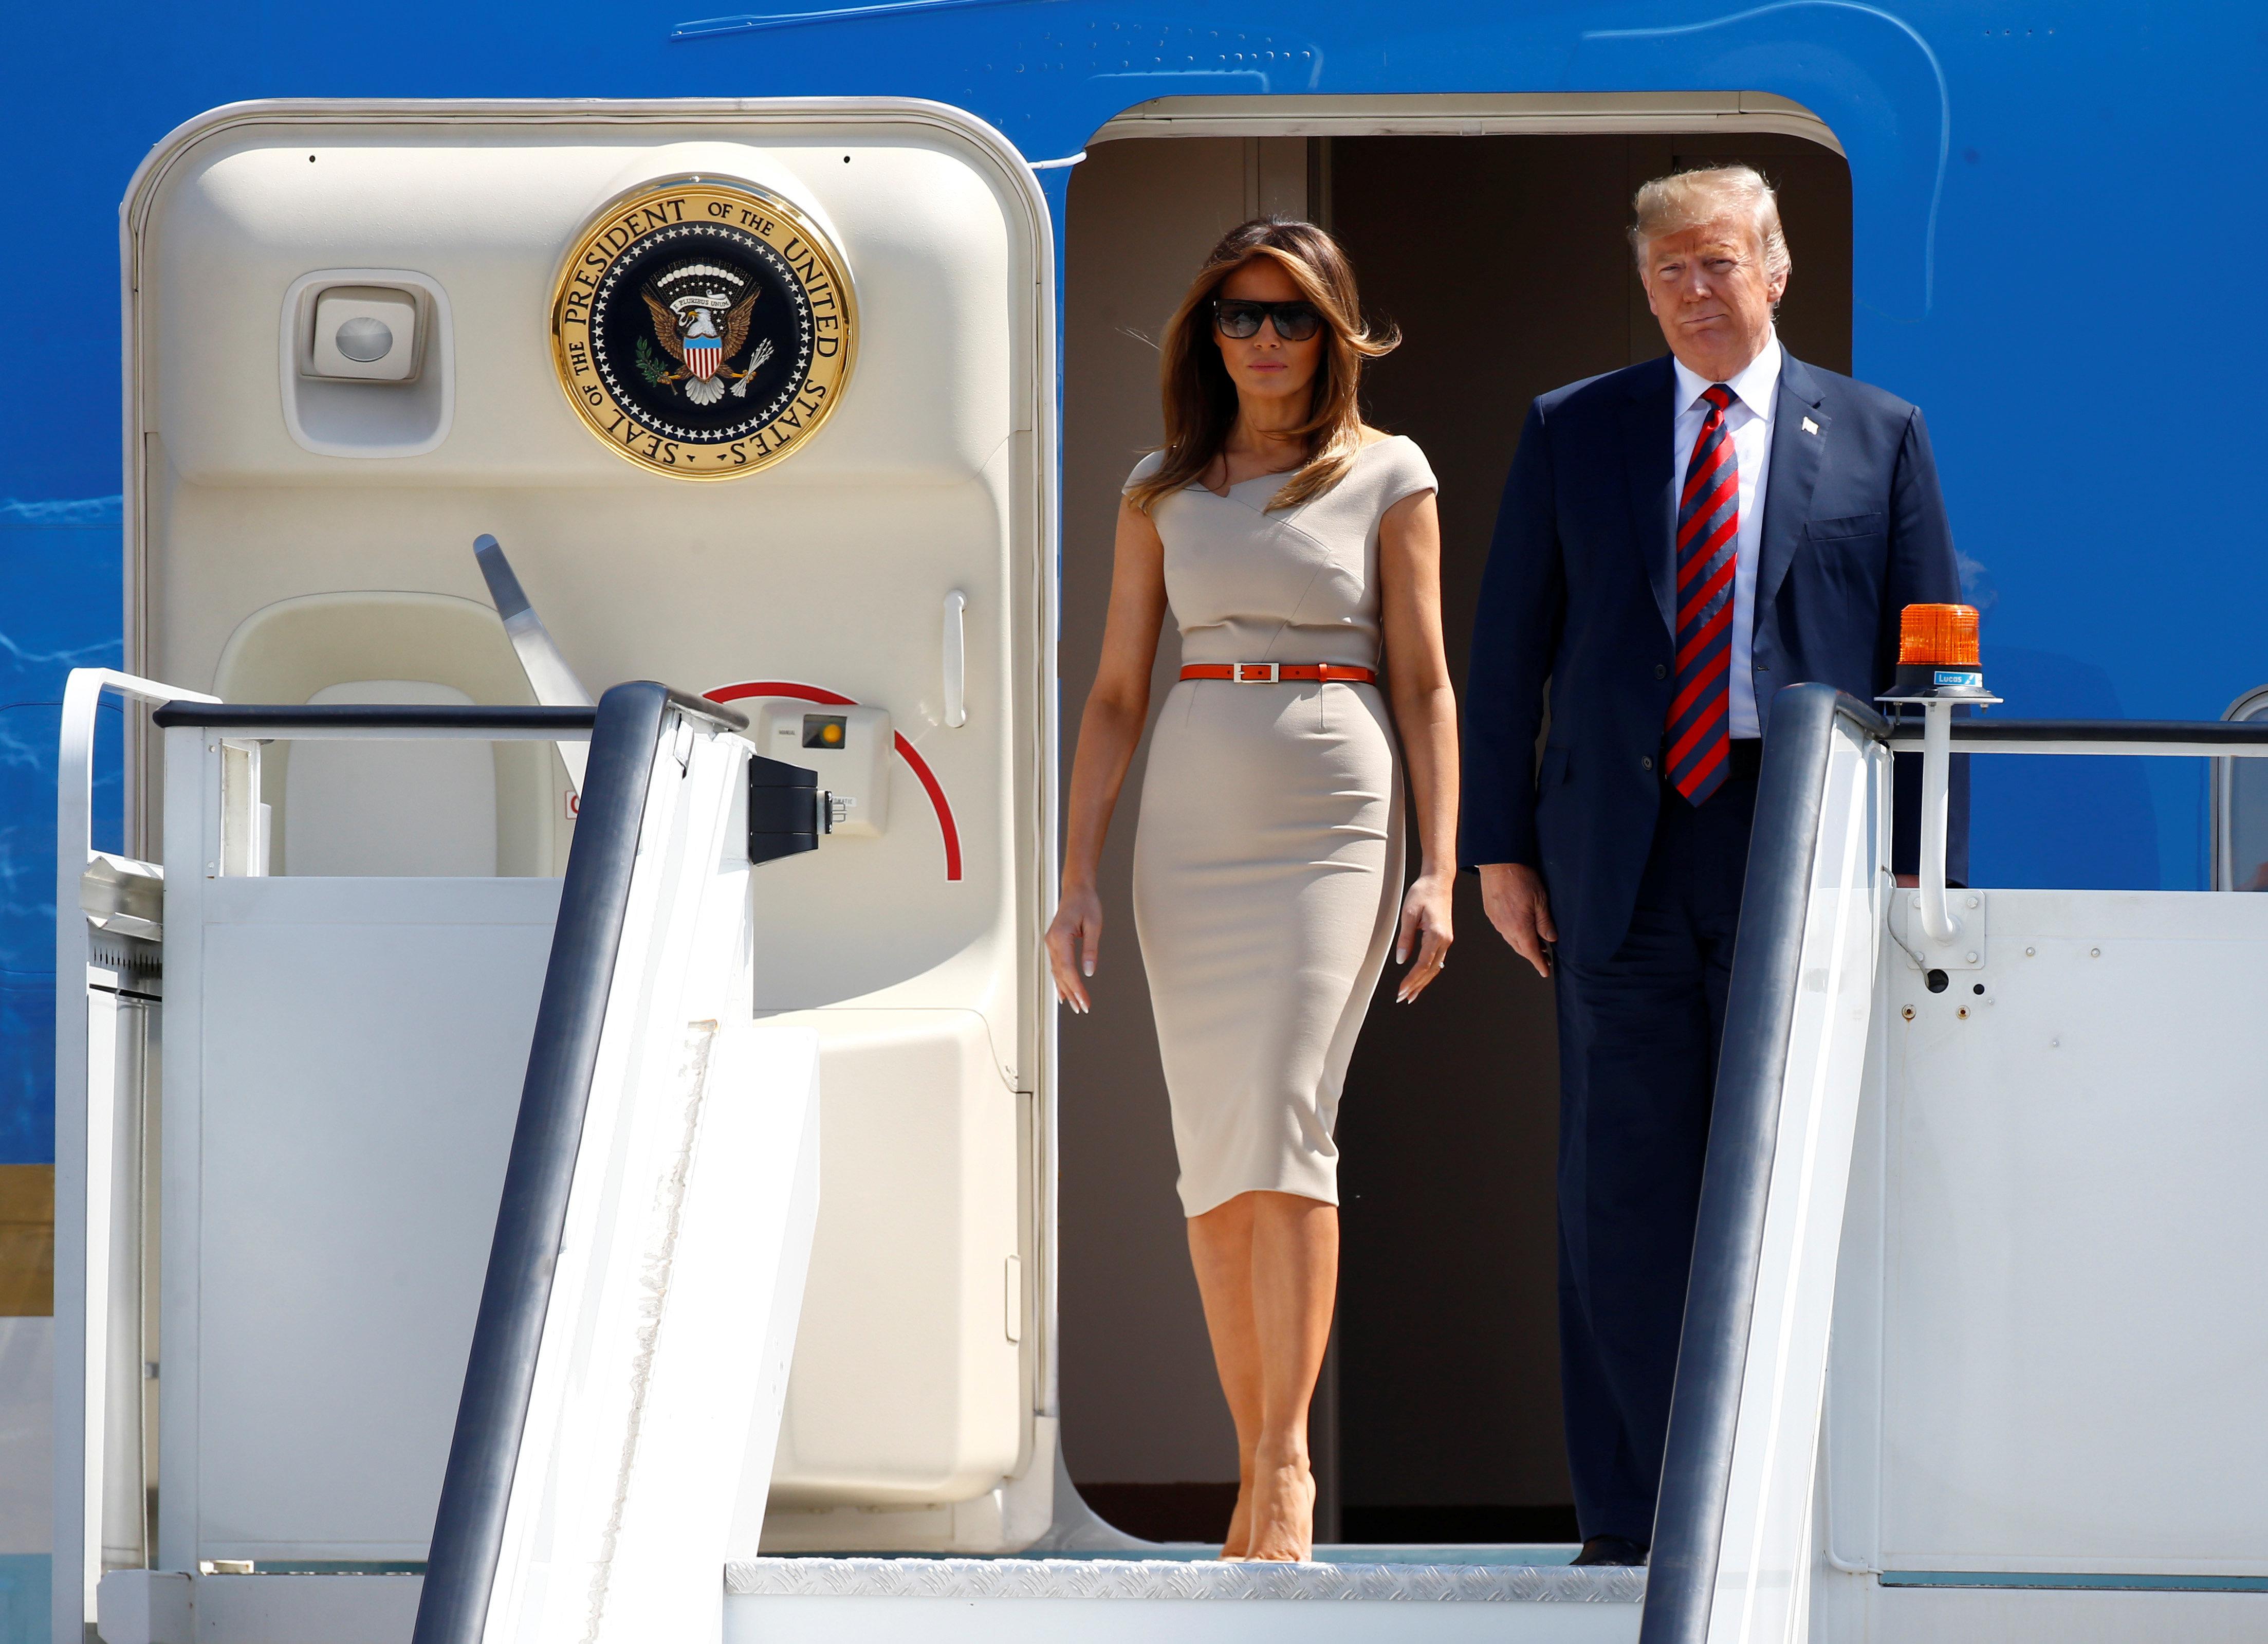 """Interna: Trump rastete in """"Air Force One"""" aus, als er sah, was Melania im Fernsehen schaut"""